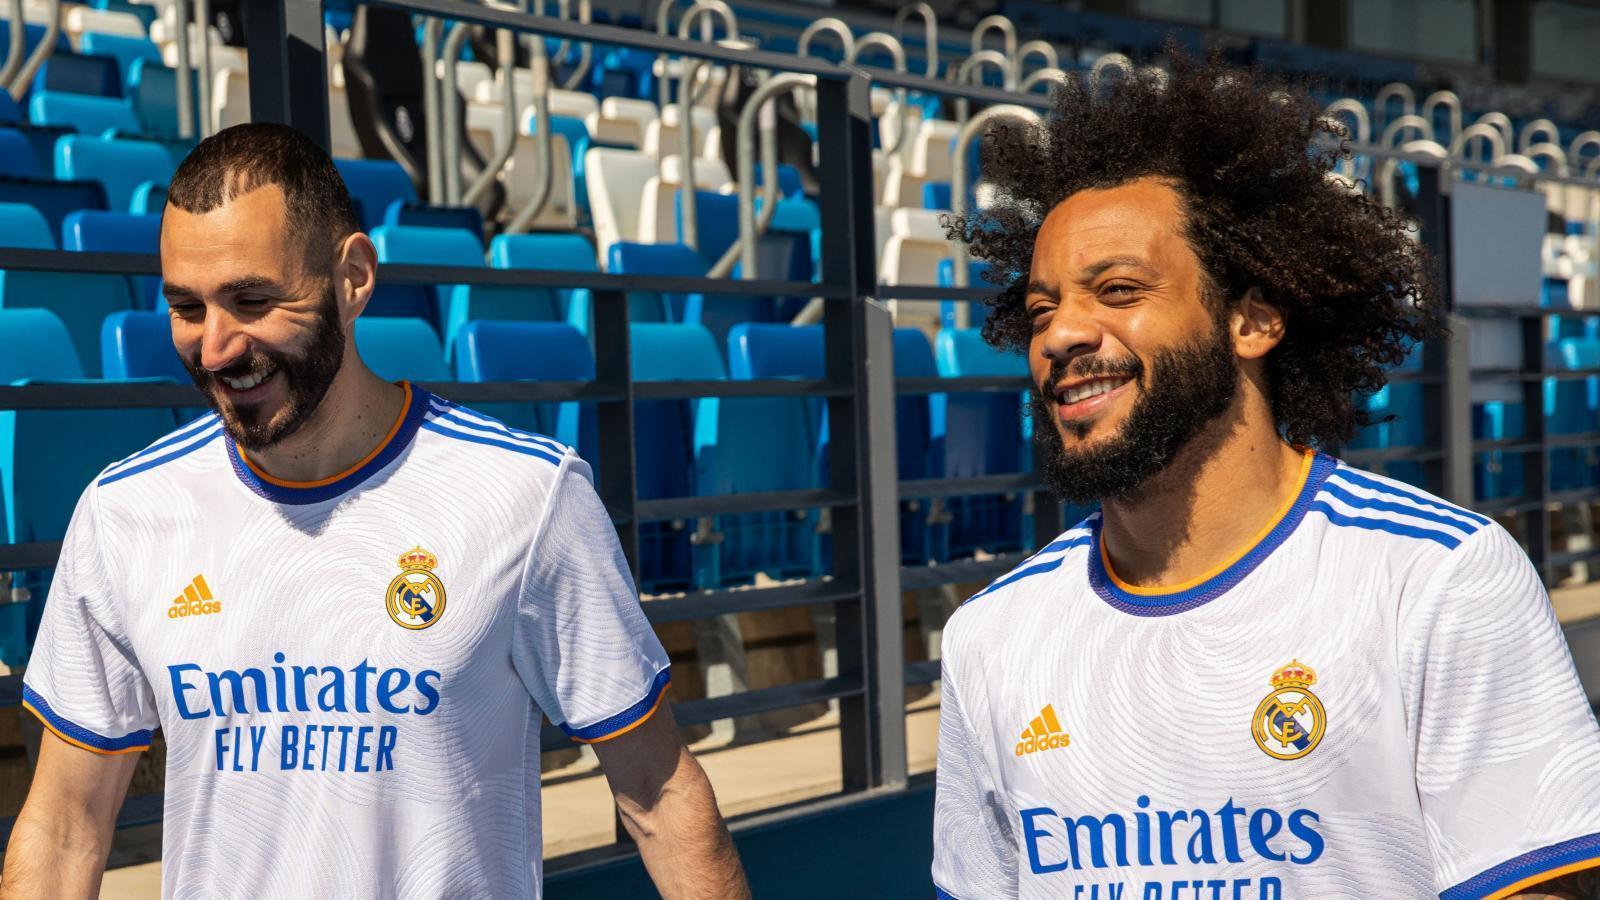 El Real Madrid presenta la nueva camiseta para la temporada 21-22